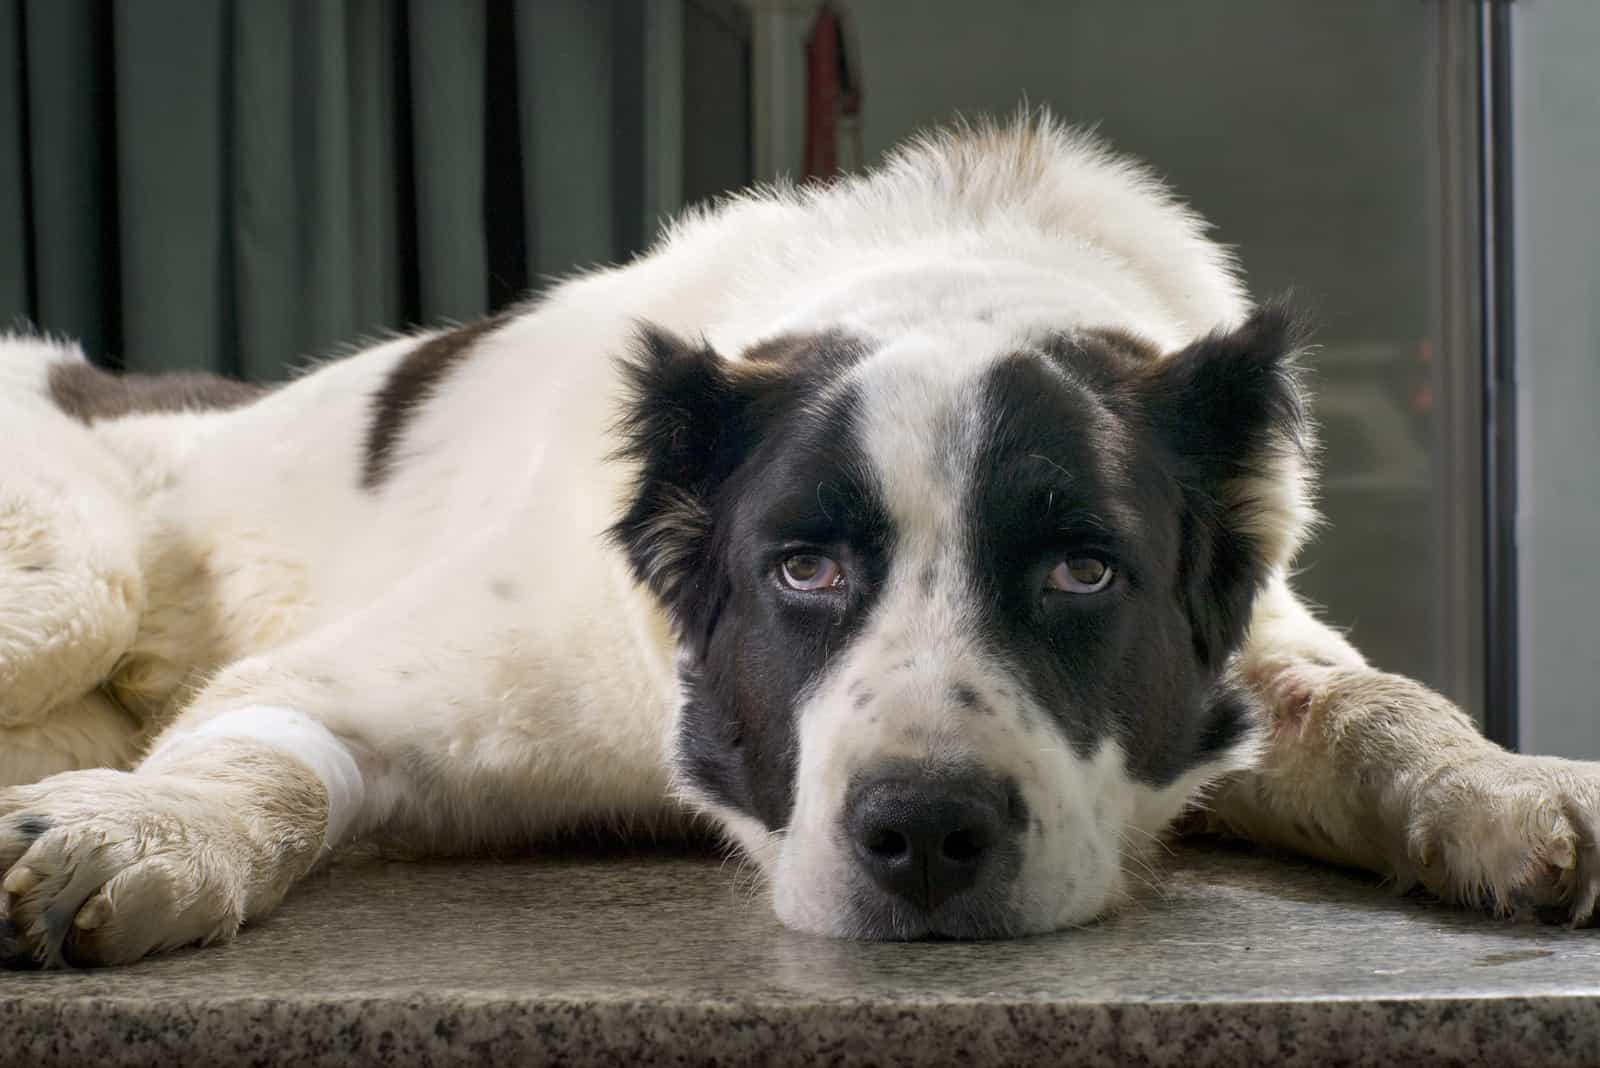 Ein kranker asiatischer Schäferhund in einer Tierklinik liegt auf einem Tisch